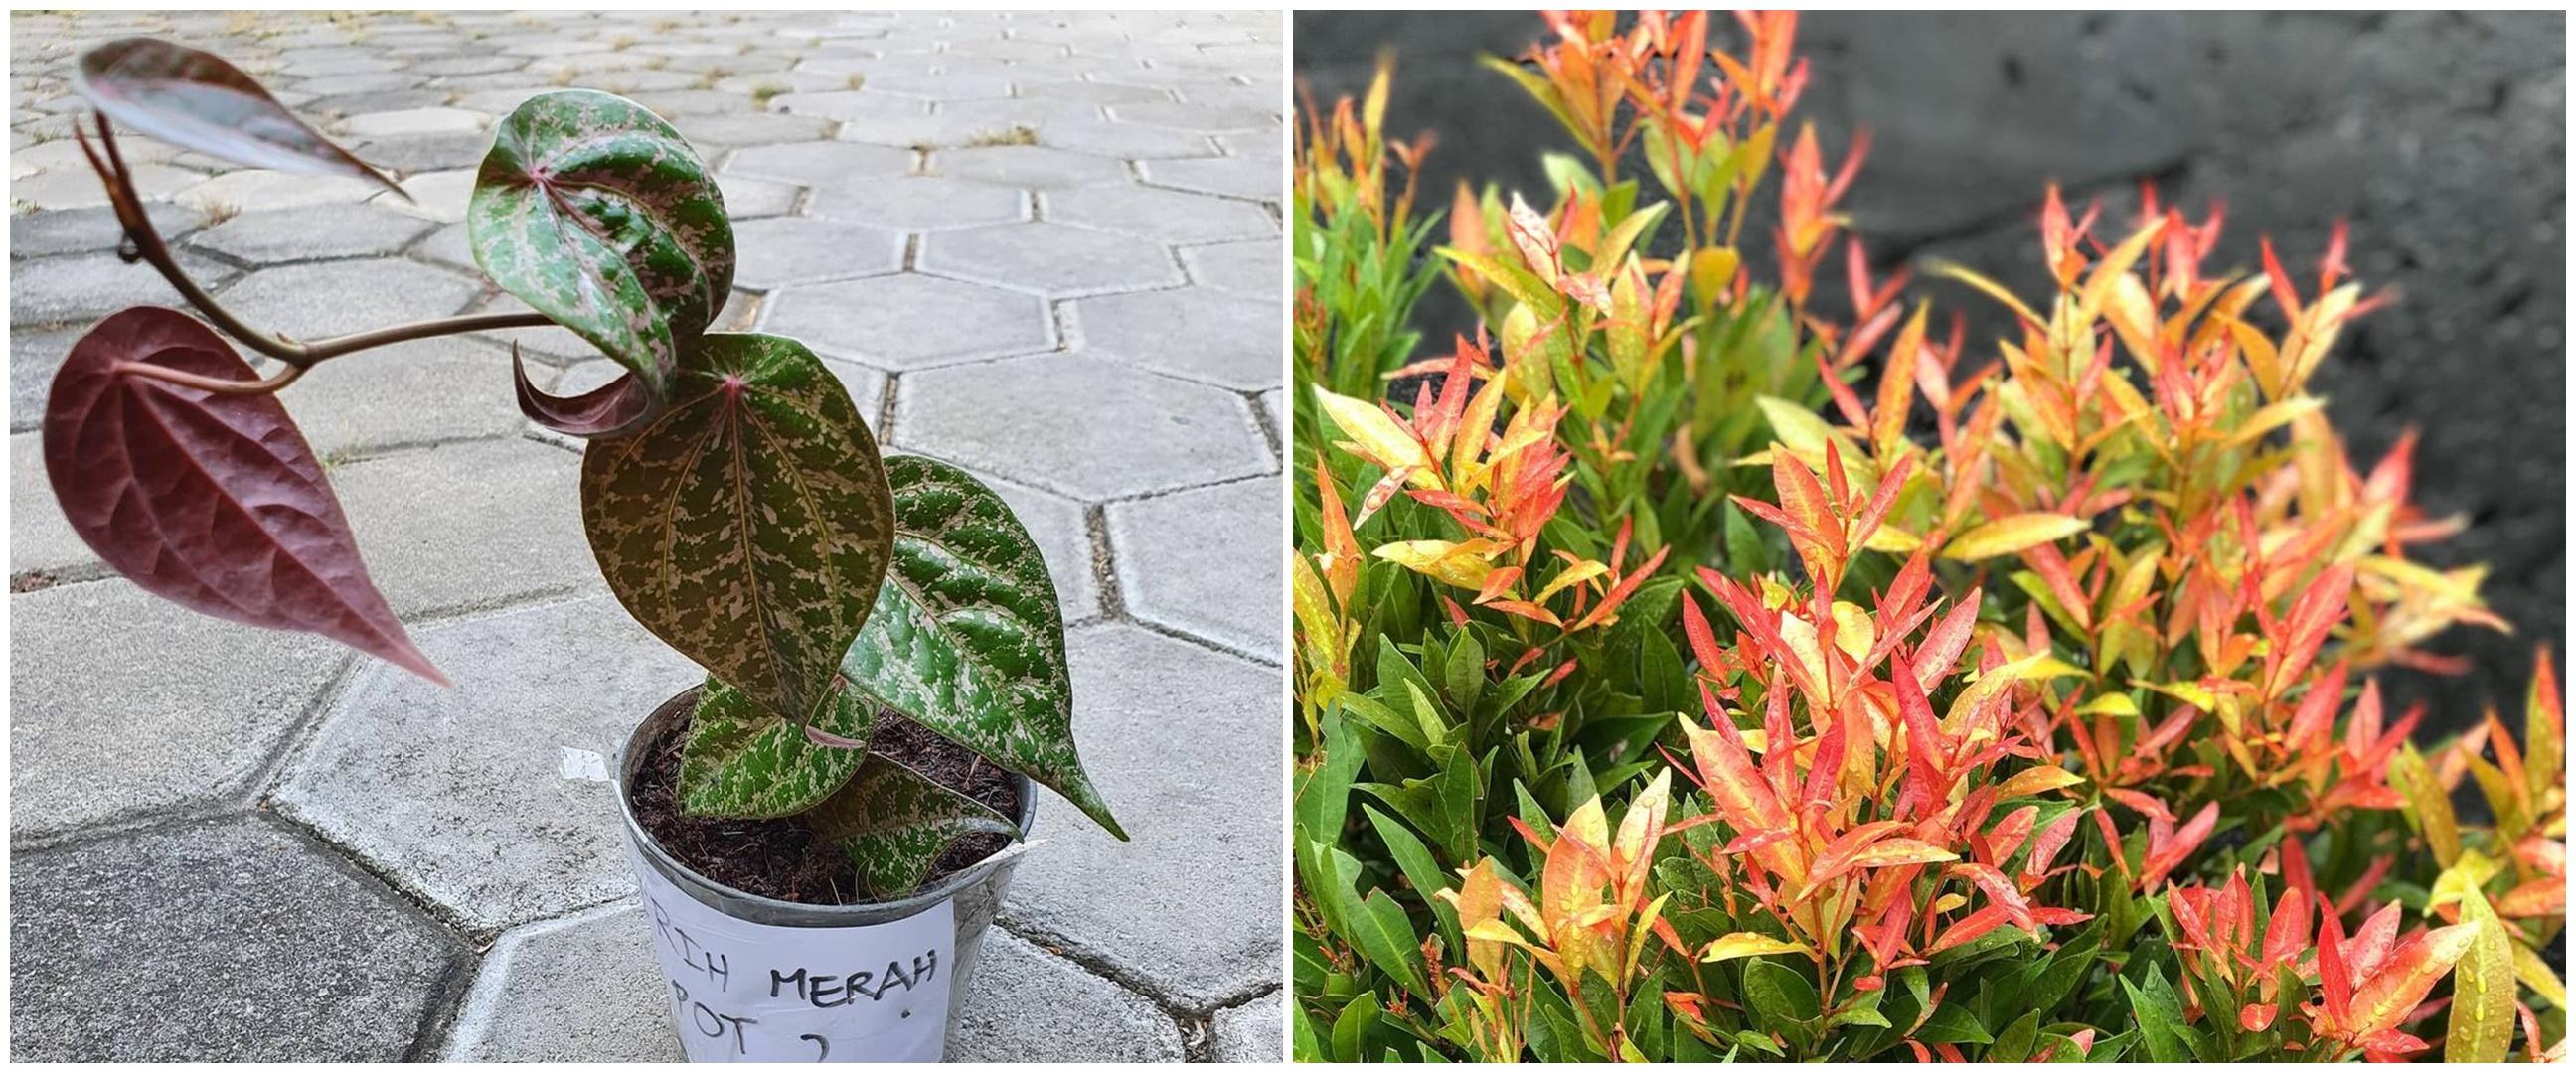 4 Jenis tanaman obat daun merah, termasuk daun sirih